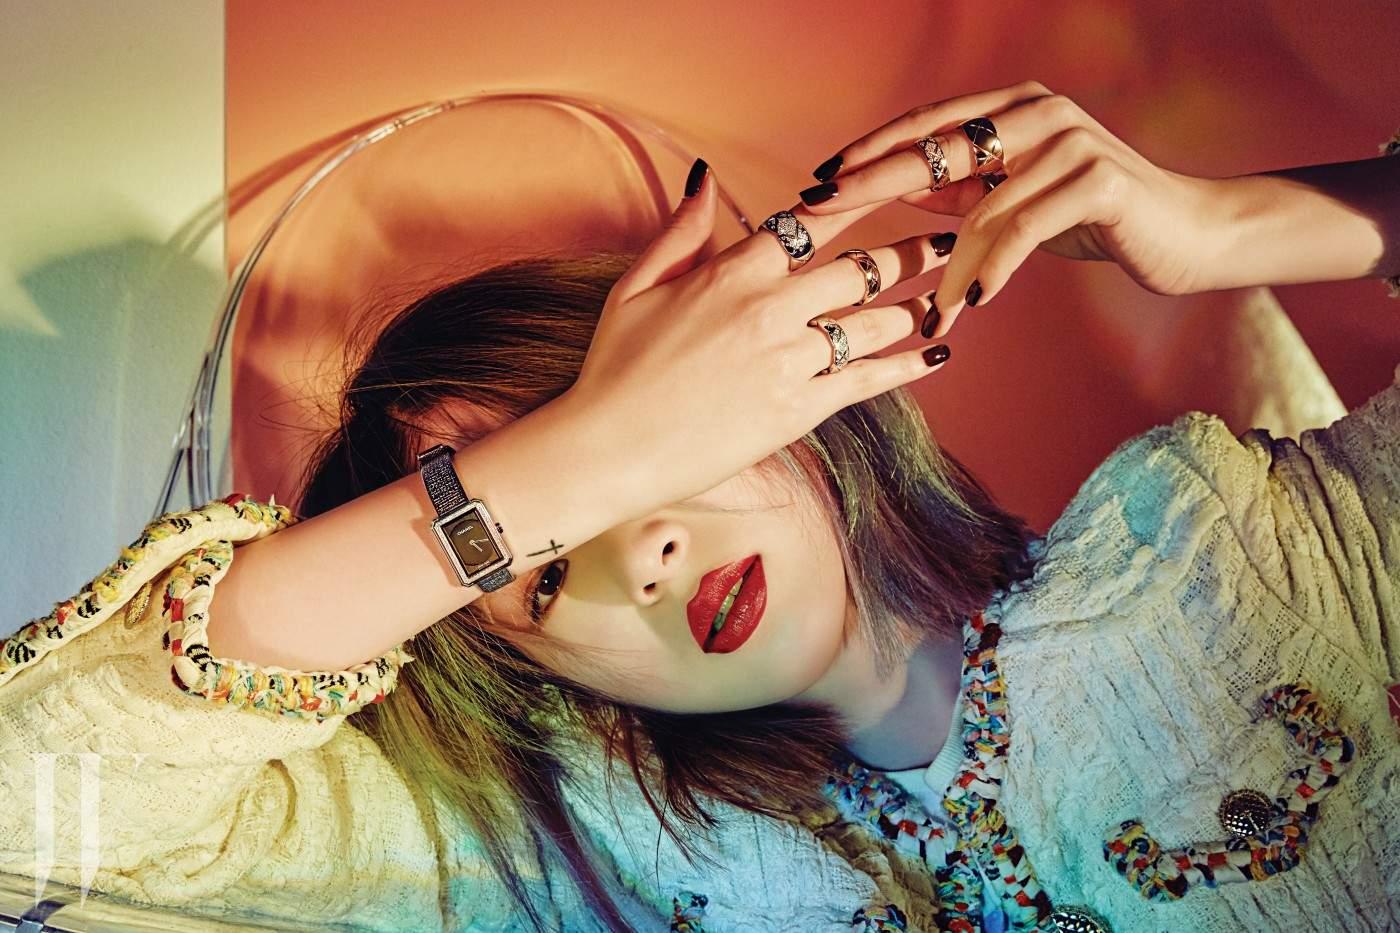 오른손에 착용한 다이아몬드가 세팅된 스틸 소재의 브레이슬릿 워치는 샤넬 보이프렌드 트위드(Chanel Boyfriend Tweed) 컬렉션, 다이아몬드가 세팅된 화이트 골드 스몰 링과 옐로 골드 스몰 링은 코코 크러쉬(Coco Crush) 컬렉션으로 모두 Chanel Fine Jewelry & Watch 제품. 왼손에 착용한 다이아몬드가 세팅된 옐로 골드 스몰 링과 옐로 골드 미디엄 링은 코코 크러쉬(Coco Crush) 컬렉션으로 Chanel Fine Jewelry 제품.